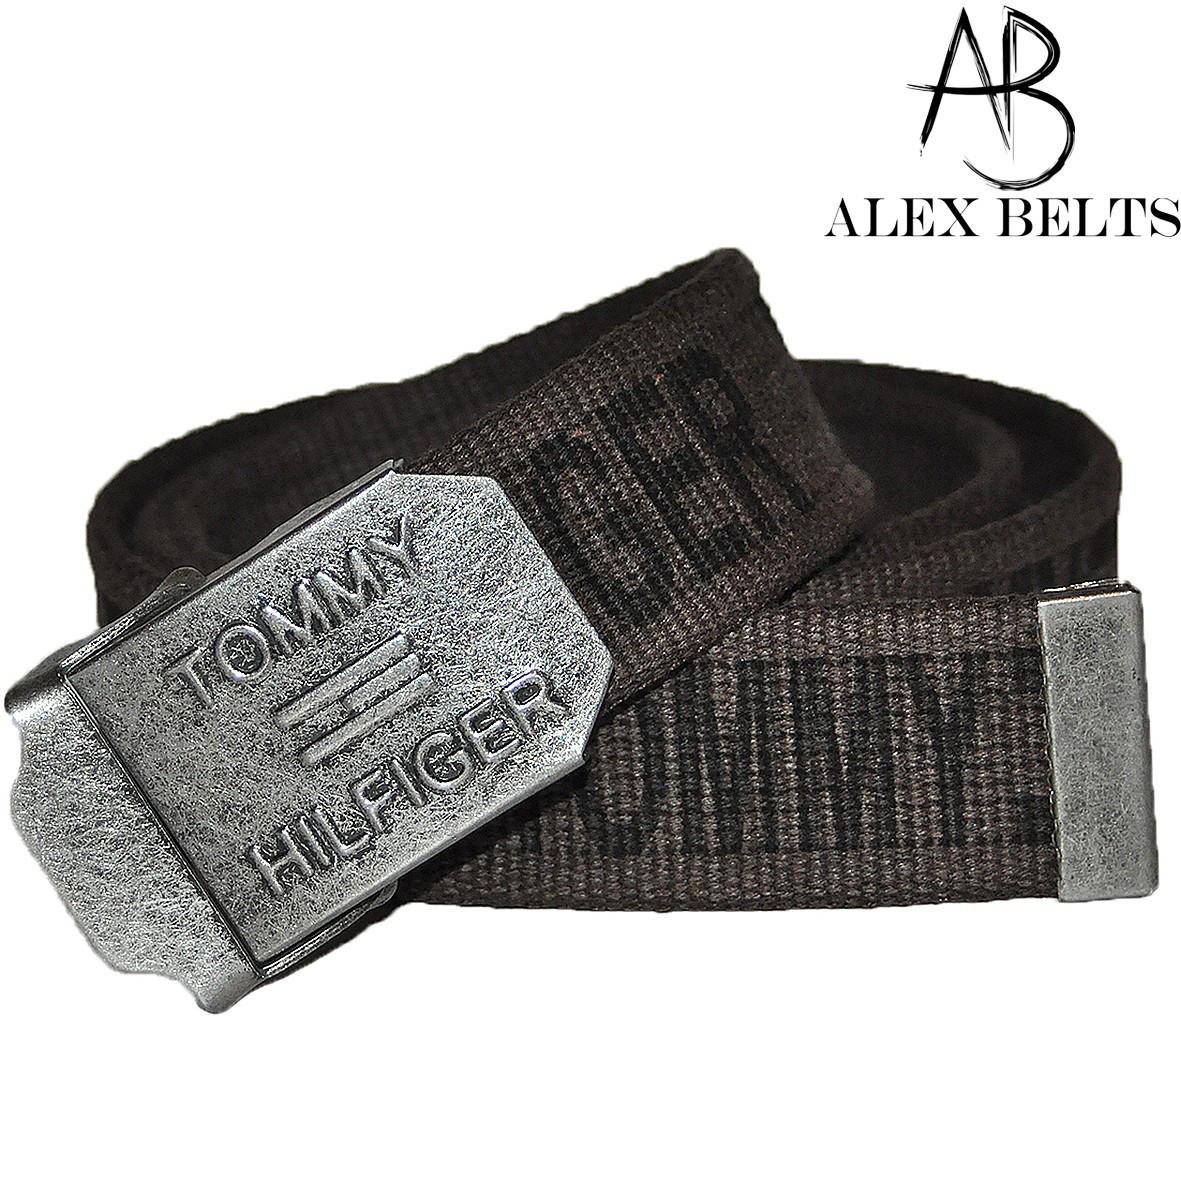 ремень тканевый, тканевый ремень, ремень с надписью, тканевый мужской ремень, мужской тканевый ремень,  мужские ремни оптом, тканевые ремни оптом, текстильные ремни, ремни пояса